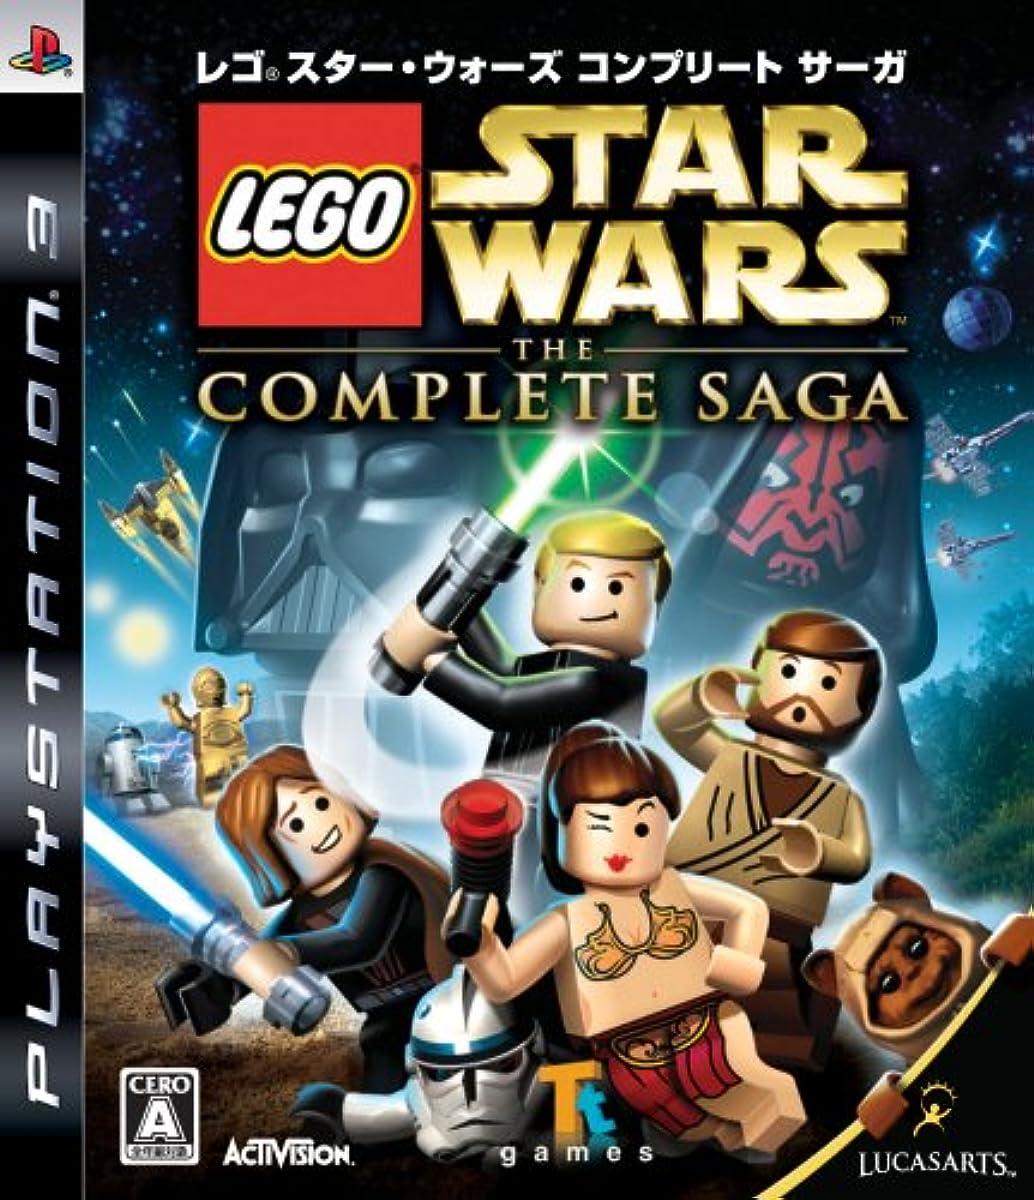 [해외] 레고 스타워즈 컴플리트 사가 - PS3